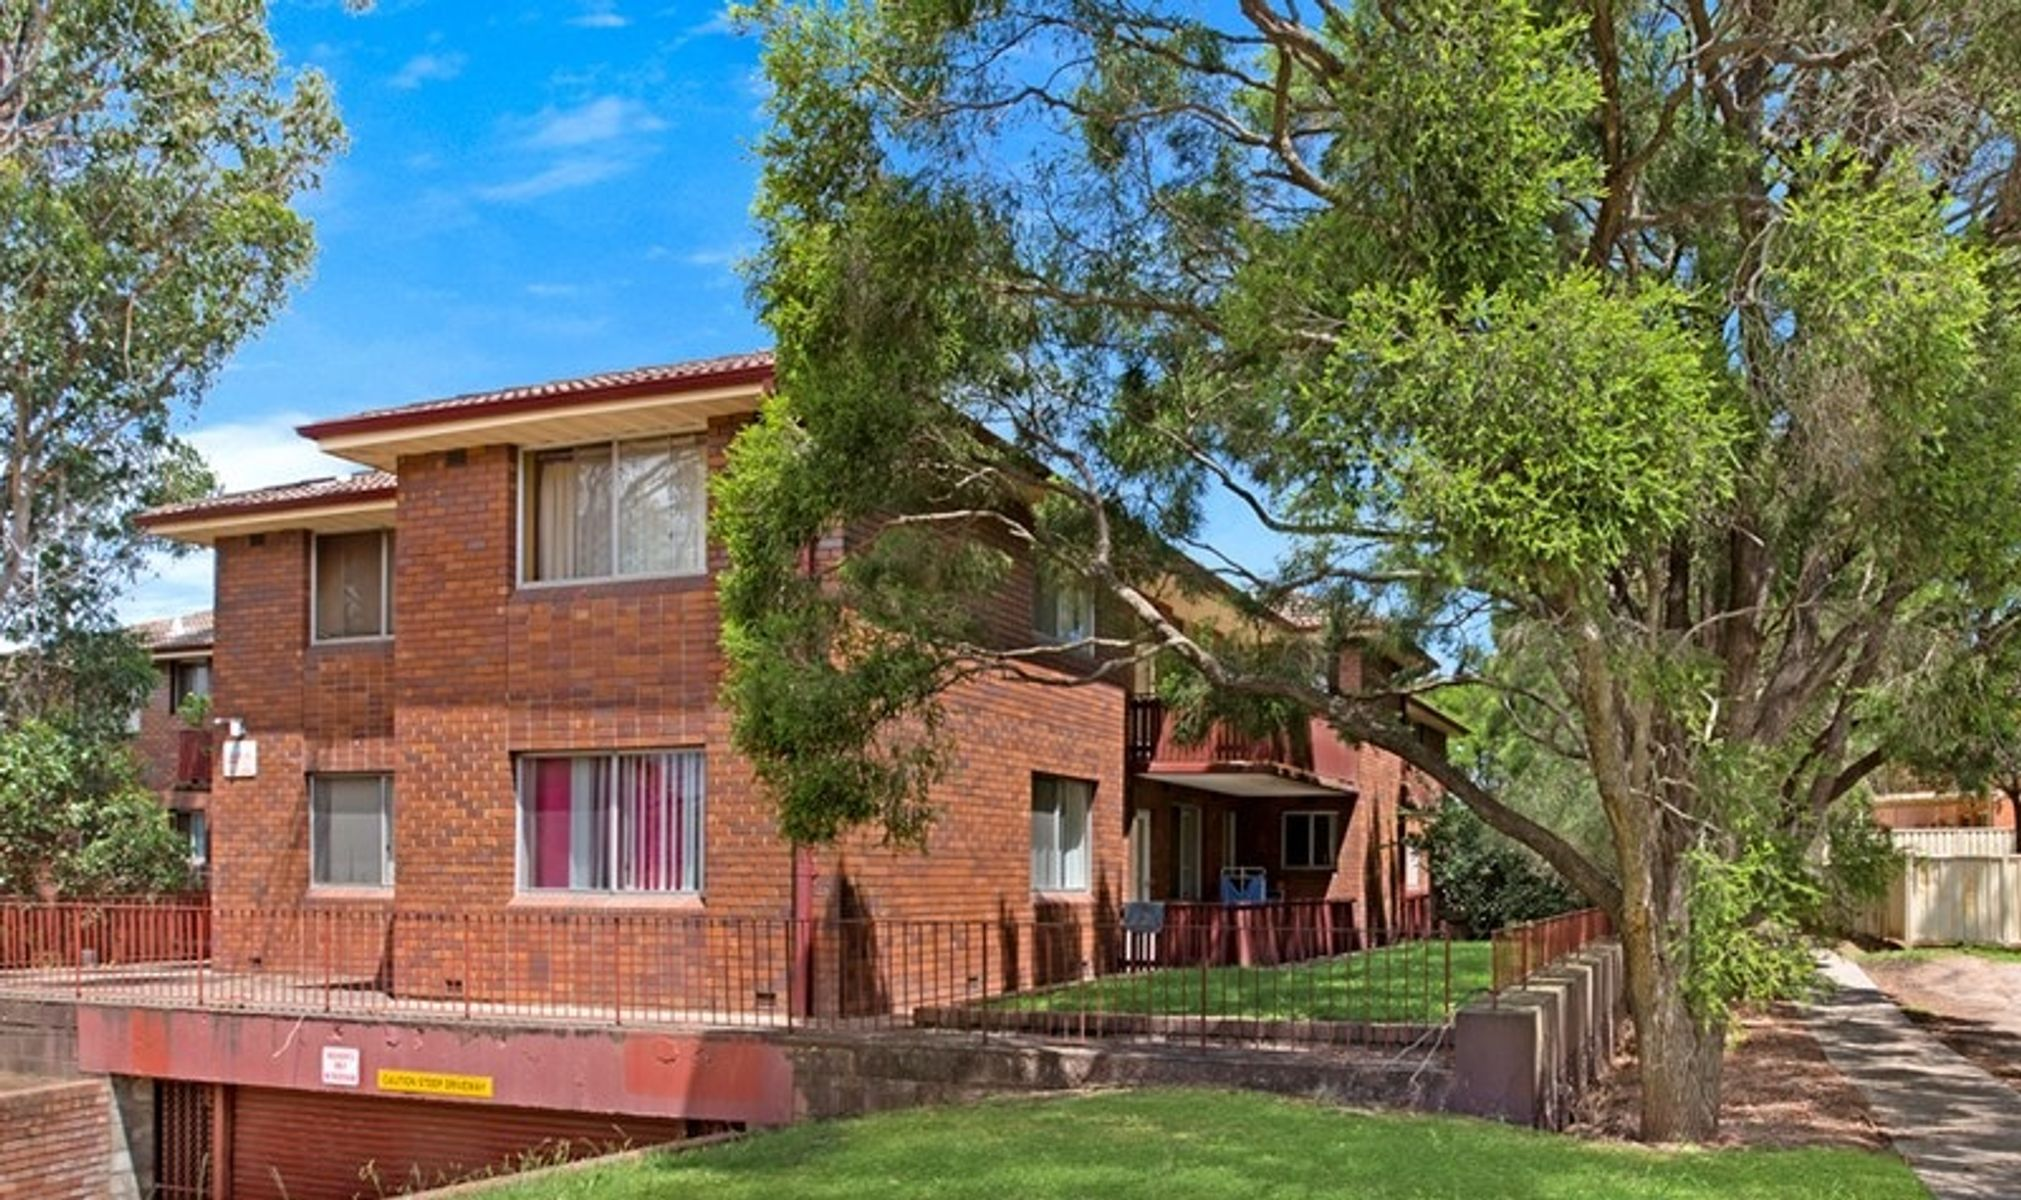 18/25 Haynes Street, Penrith, NSW 2750